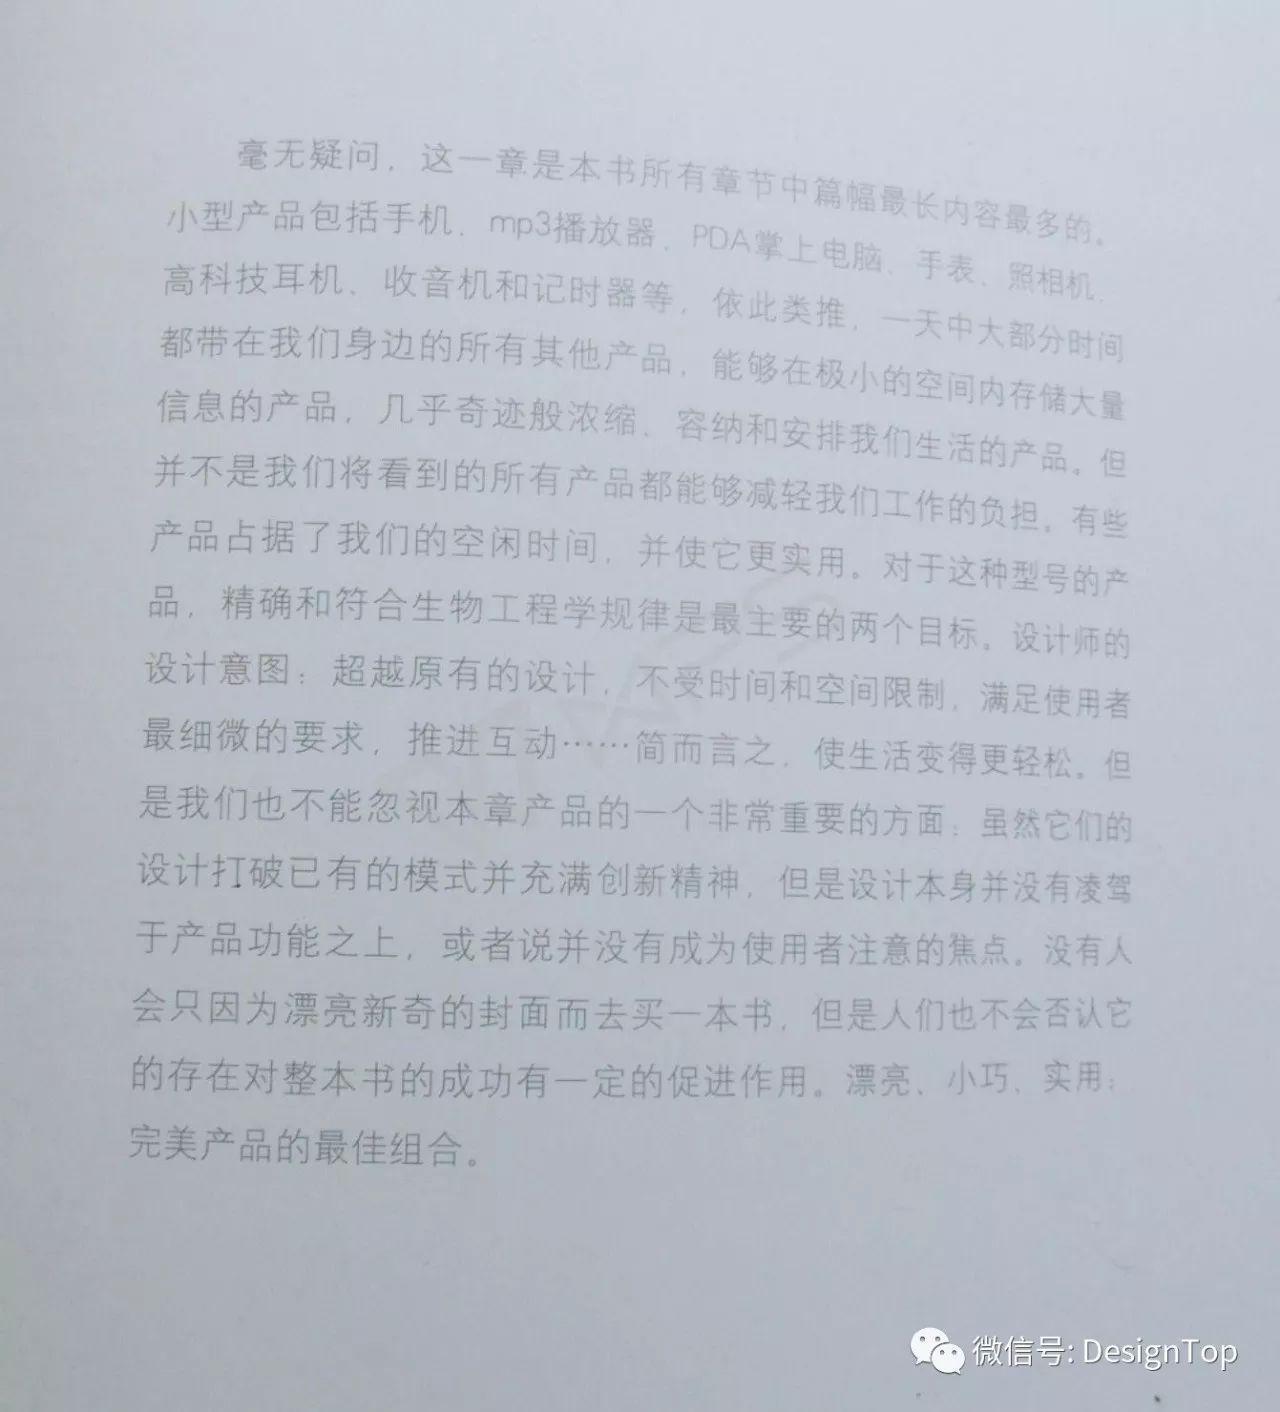 杜蕾斯爆炸了,质量那么差靠什么忽悠中国人?